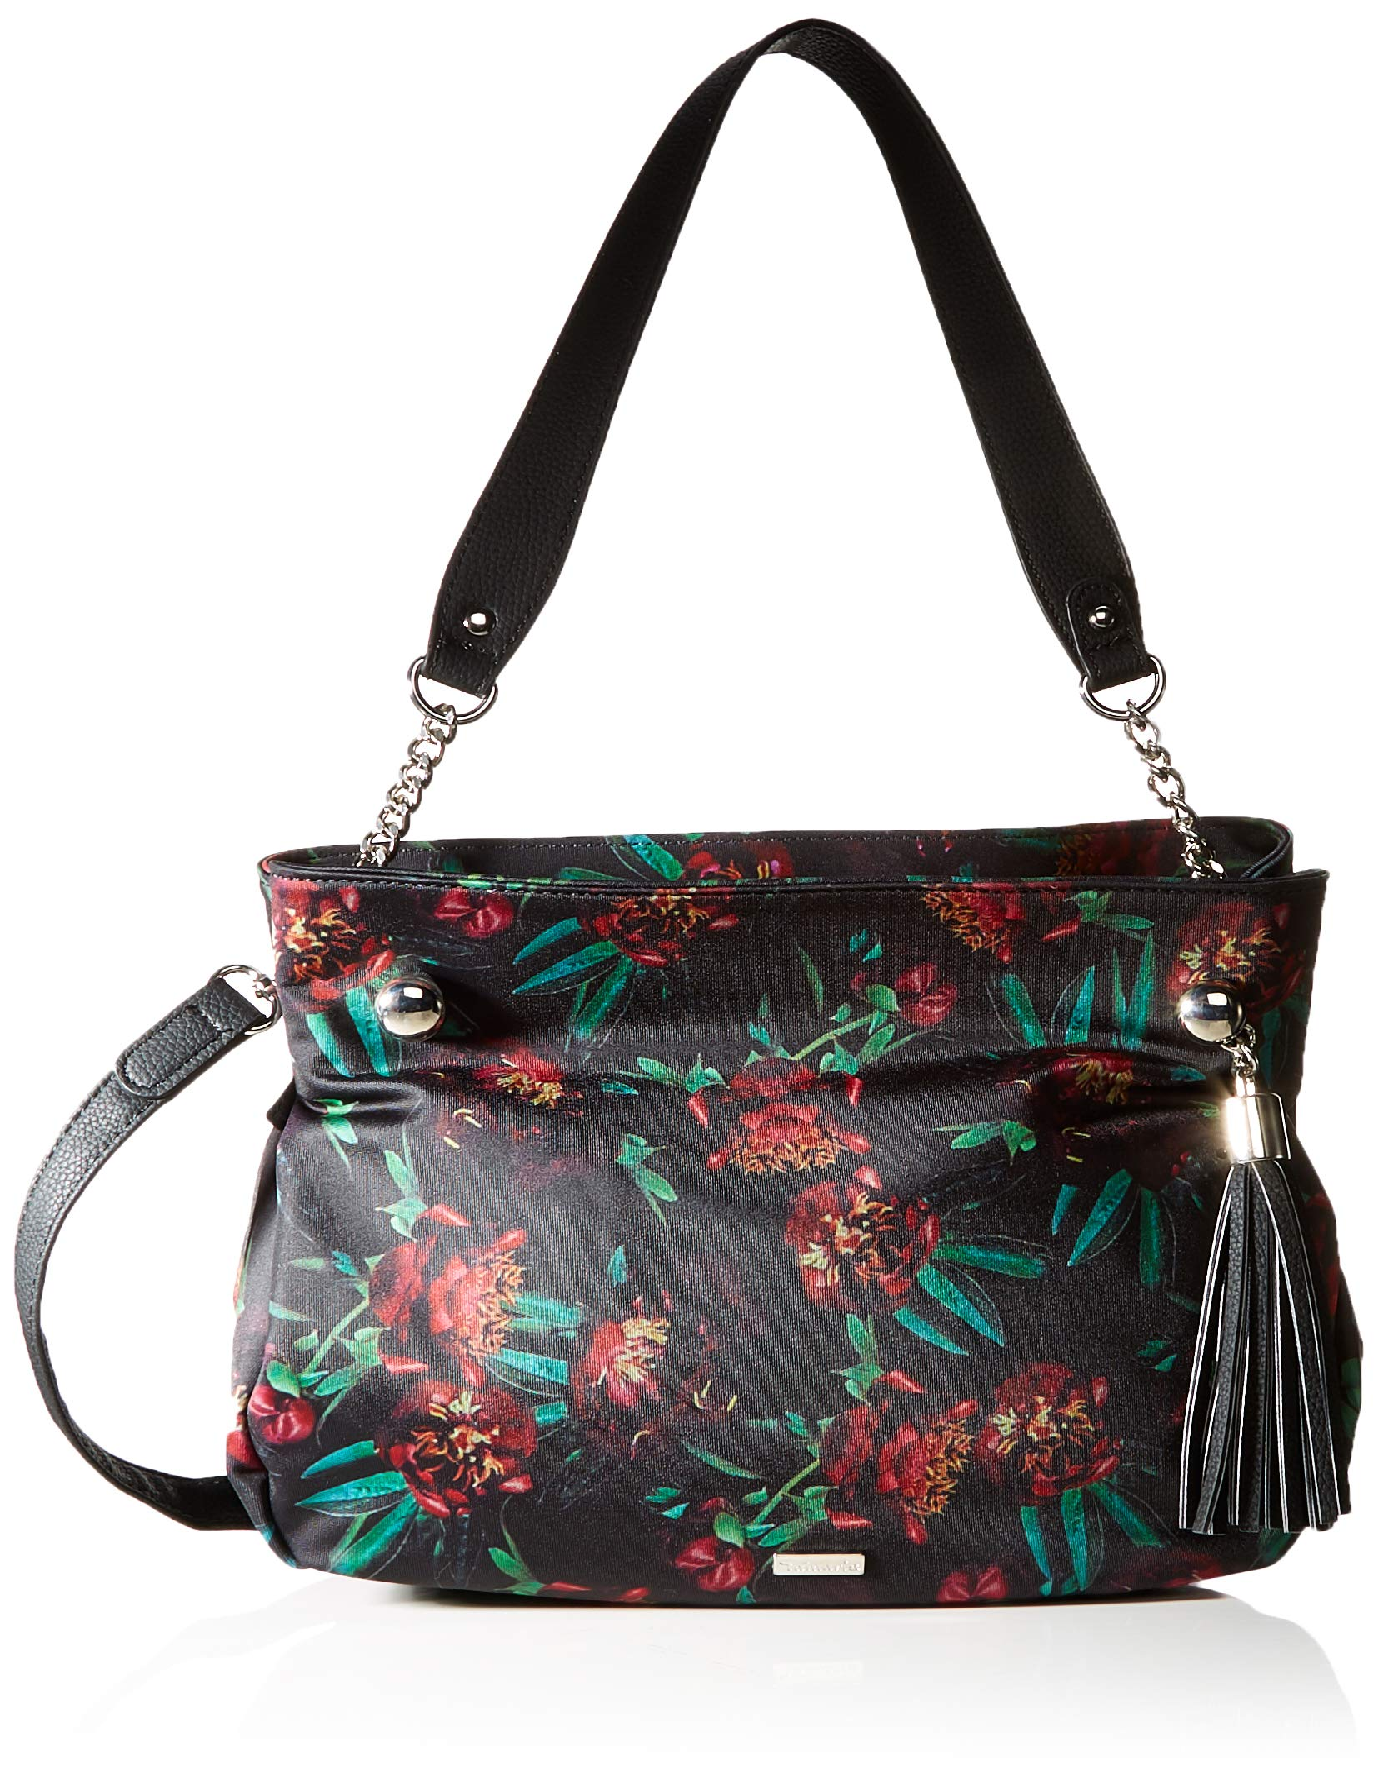 Tamaris Handtaschen Taschen 3159192-098 Schwarz C4Iwe